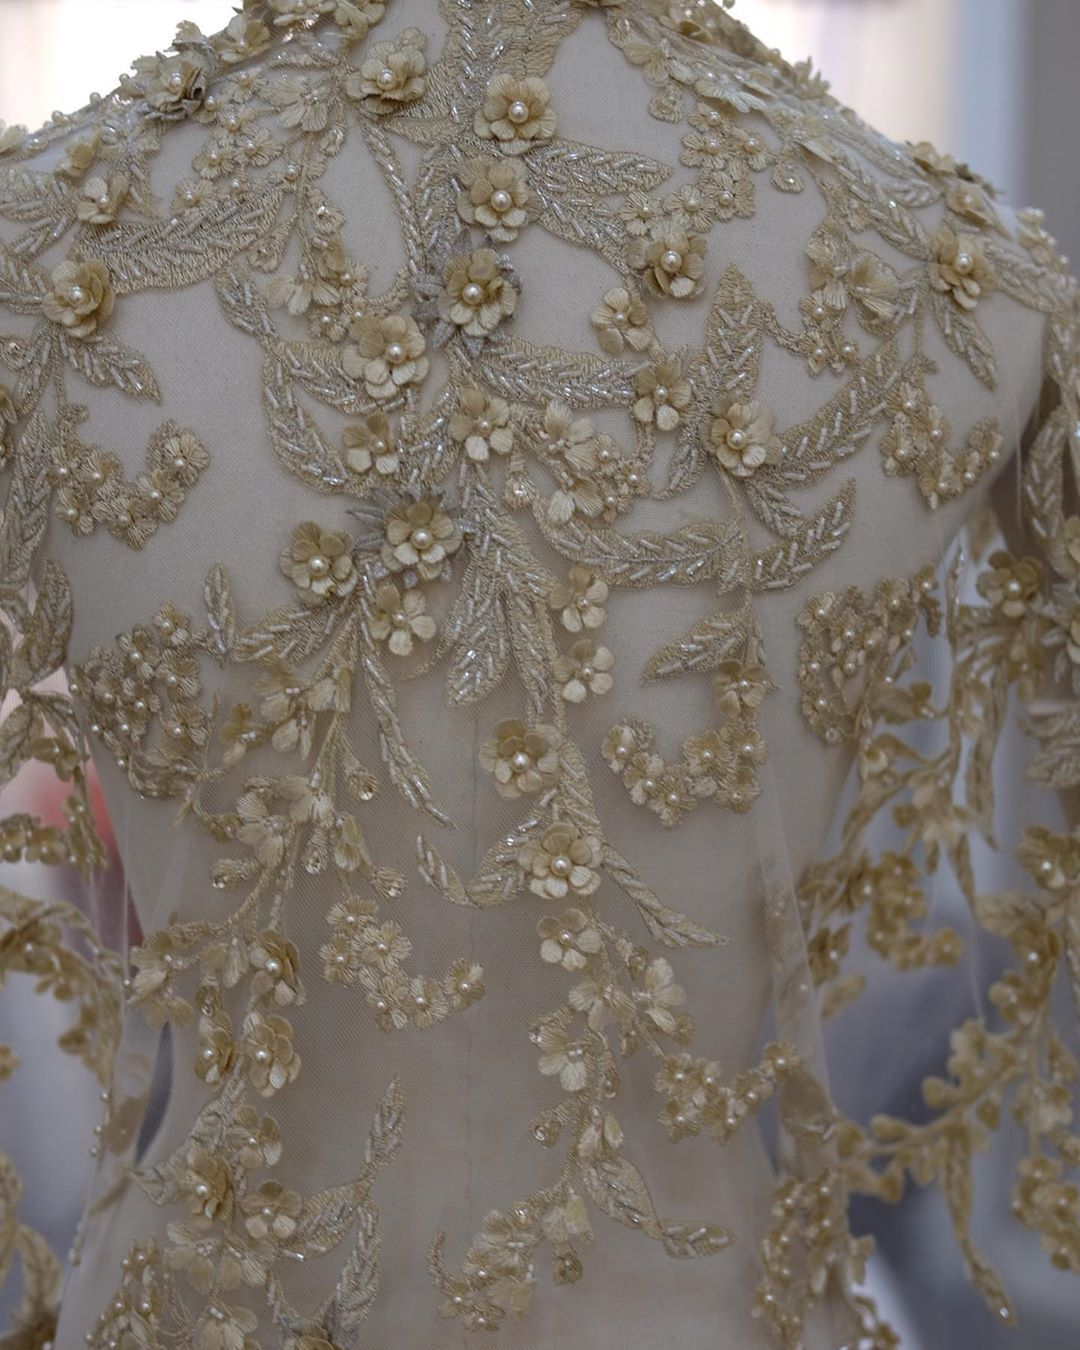 D 'Palais Moda Haute Couture & Fashion Trends exclusive